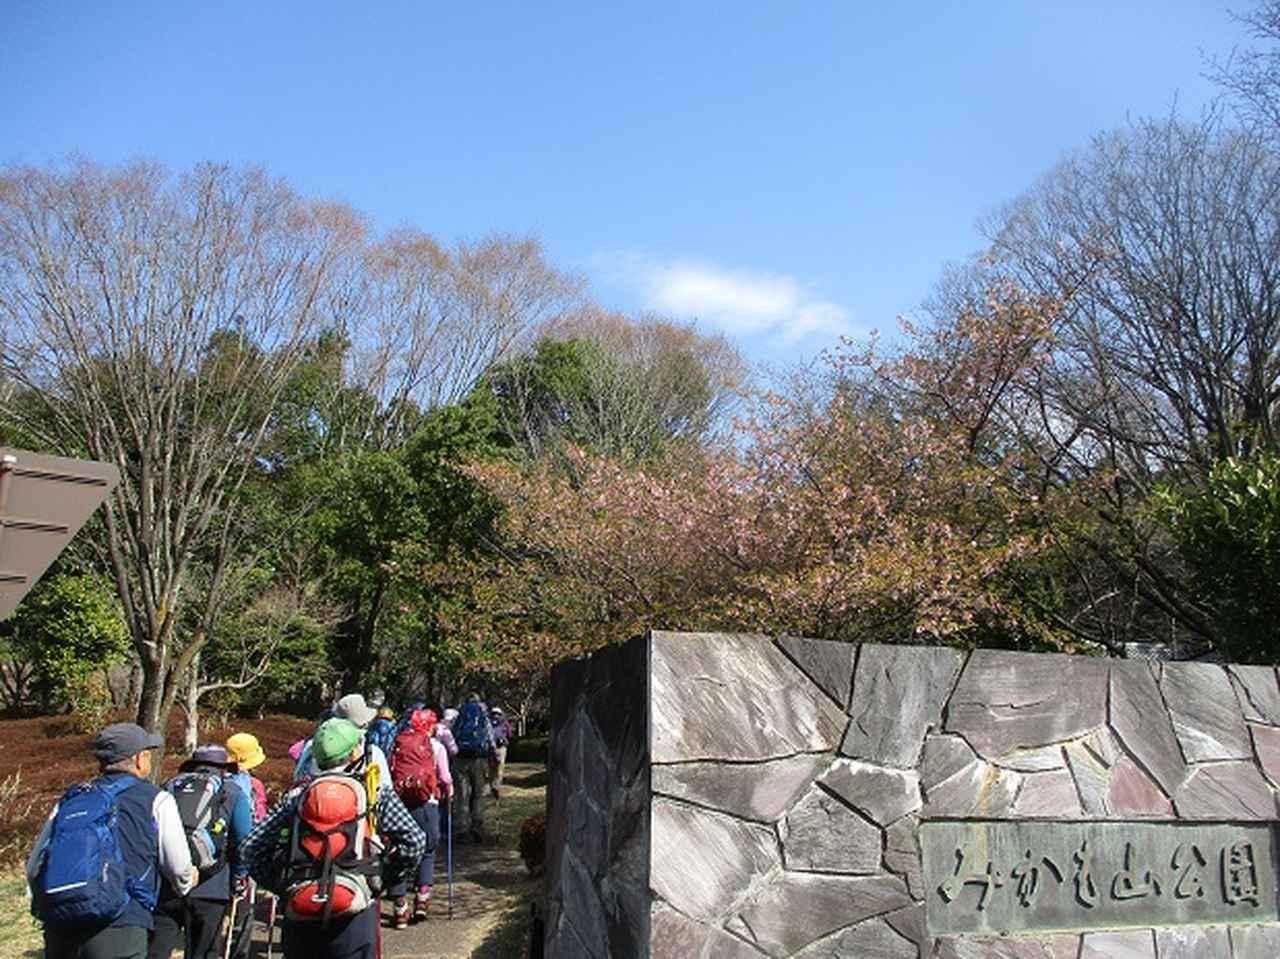 画像1: 3月22日にカタクリで有名な 三かも山 へ行ってきました♪